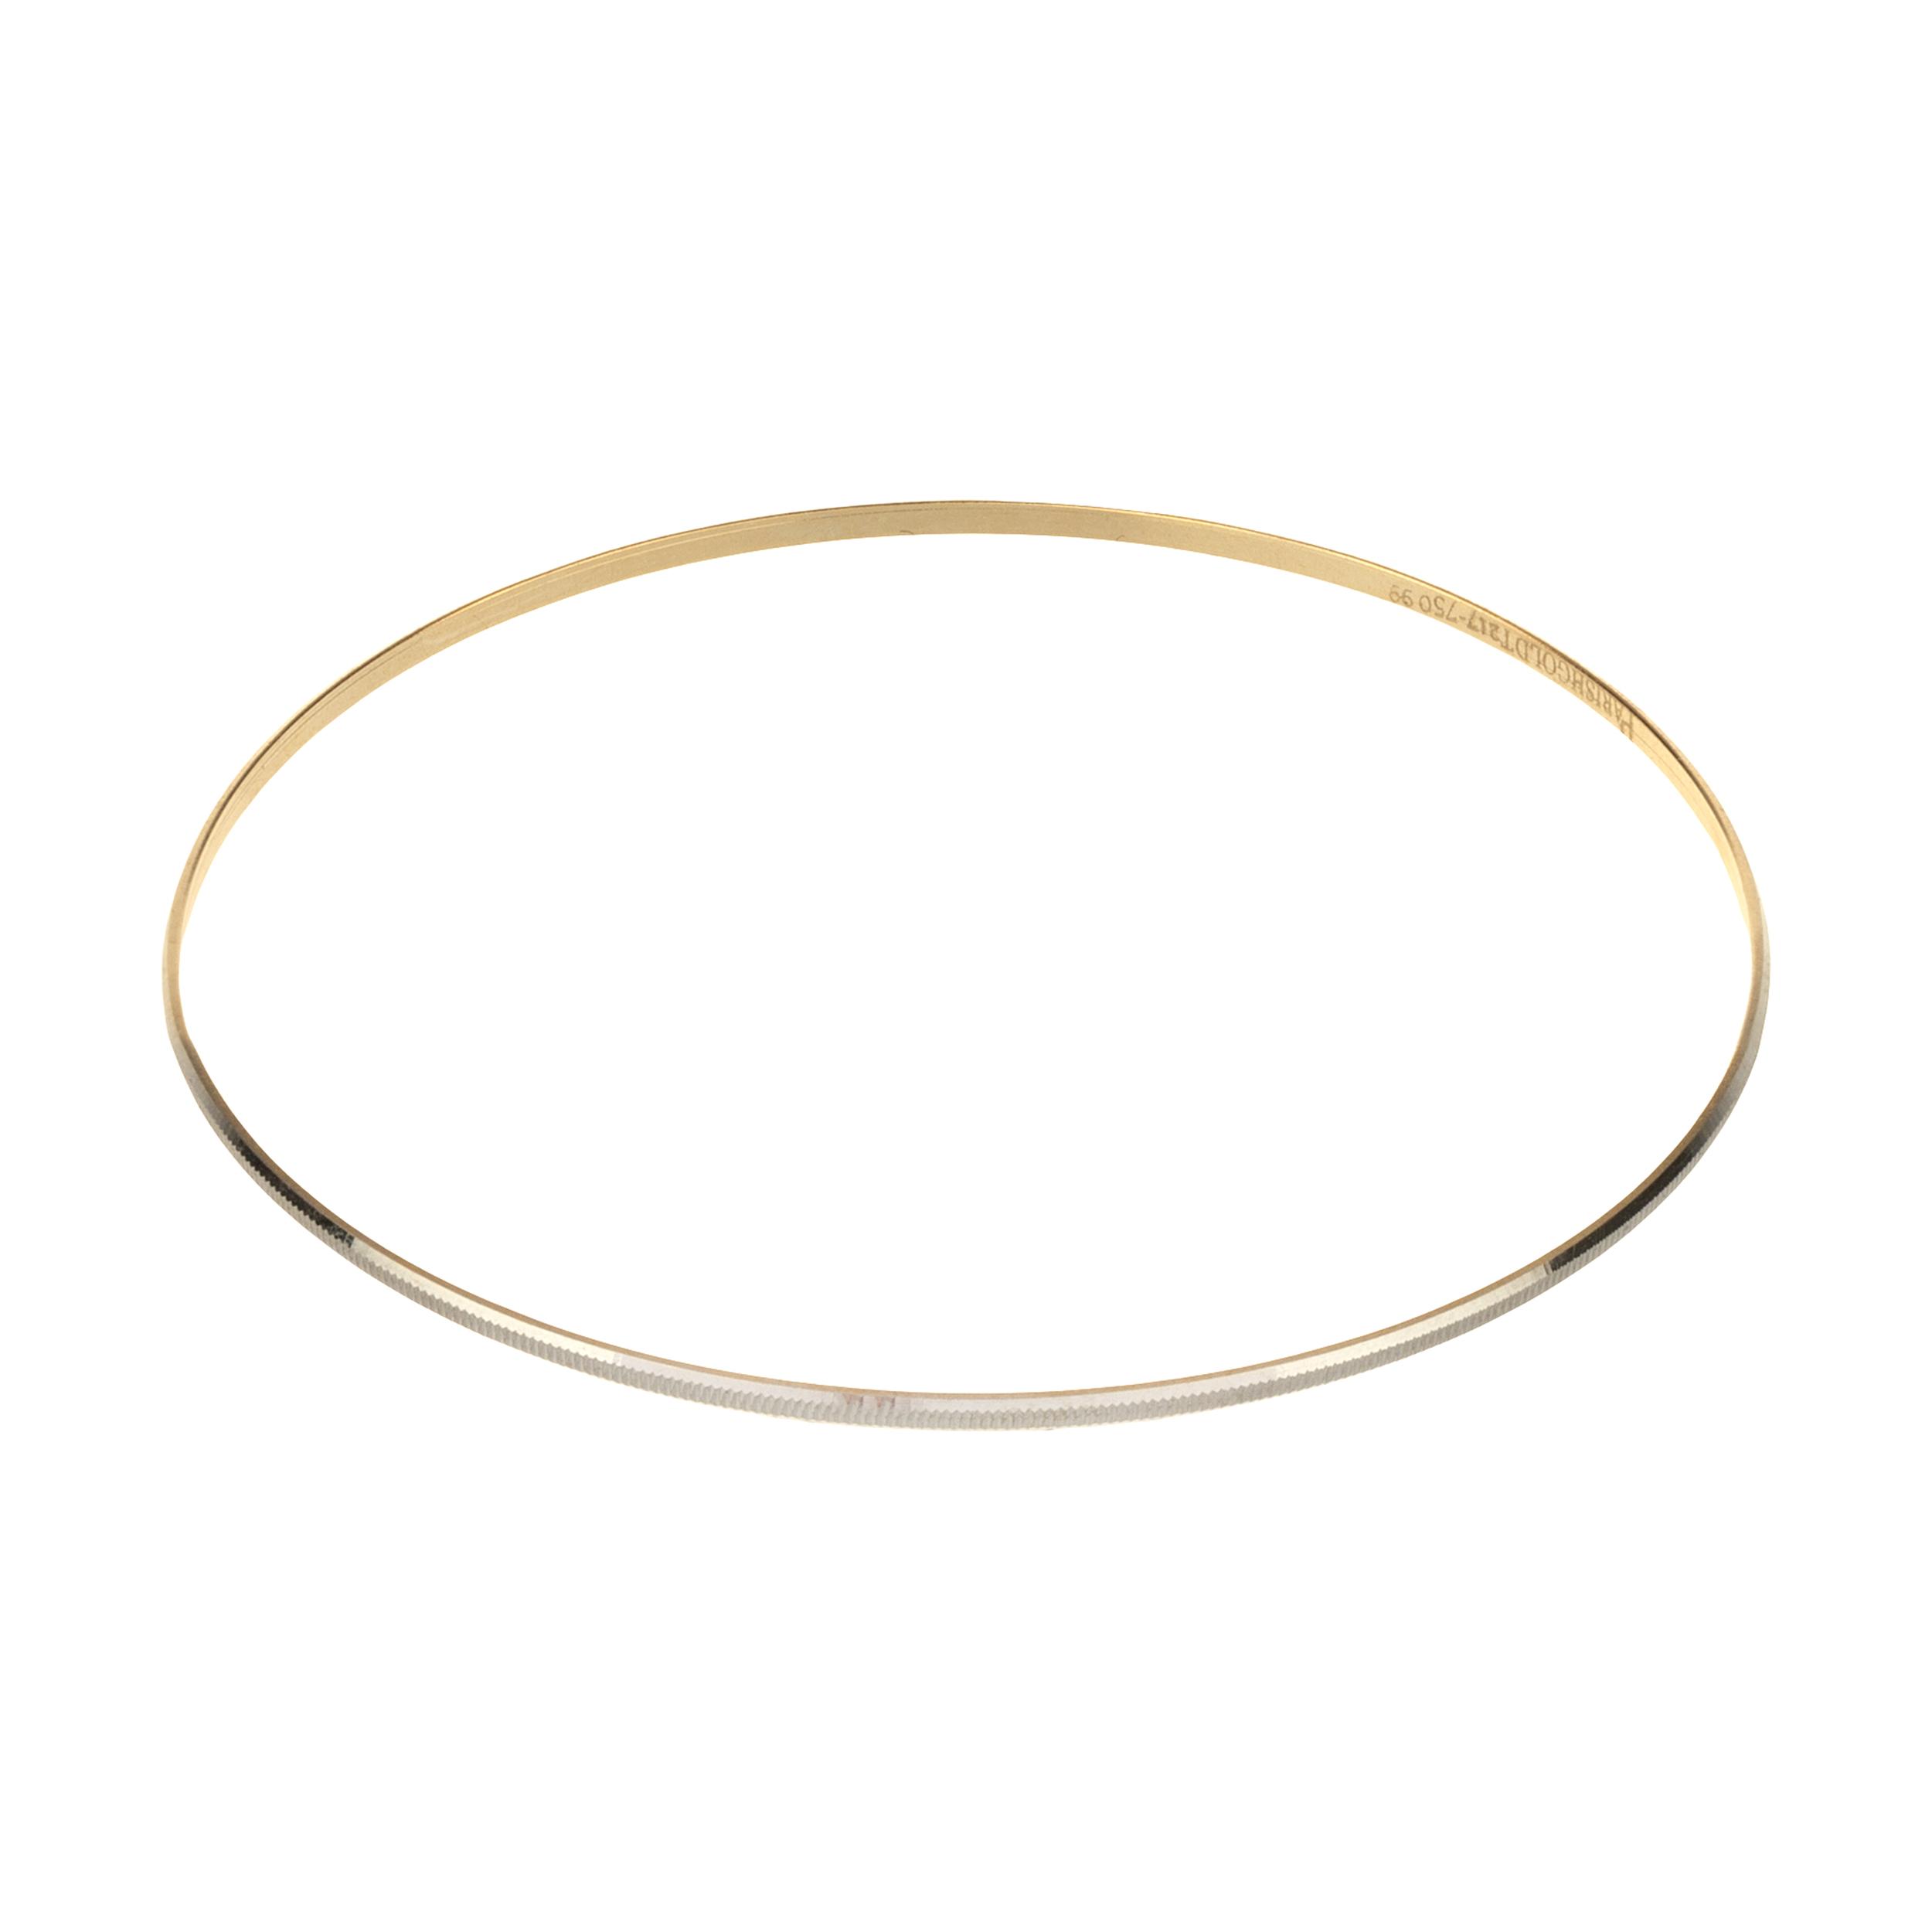 النگو طلا 18 عیار زنانه گالری یار طلا کد AL12-W-3